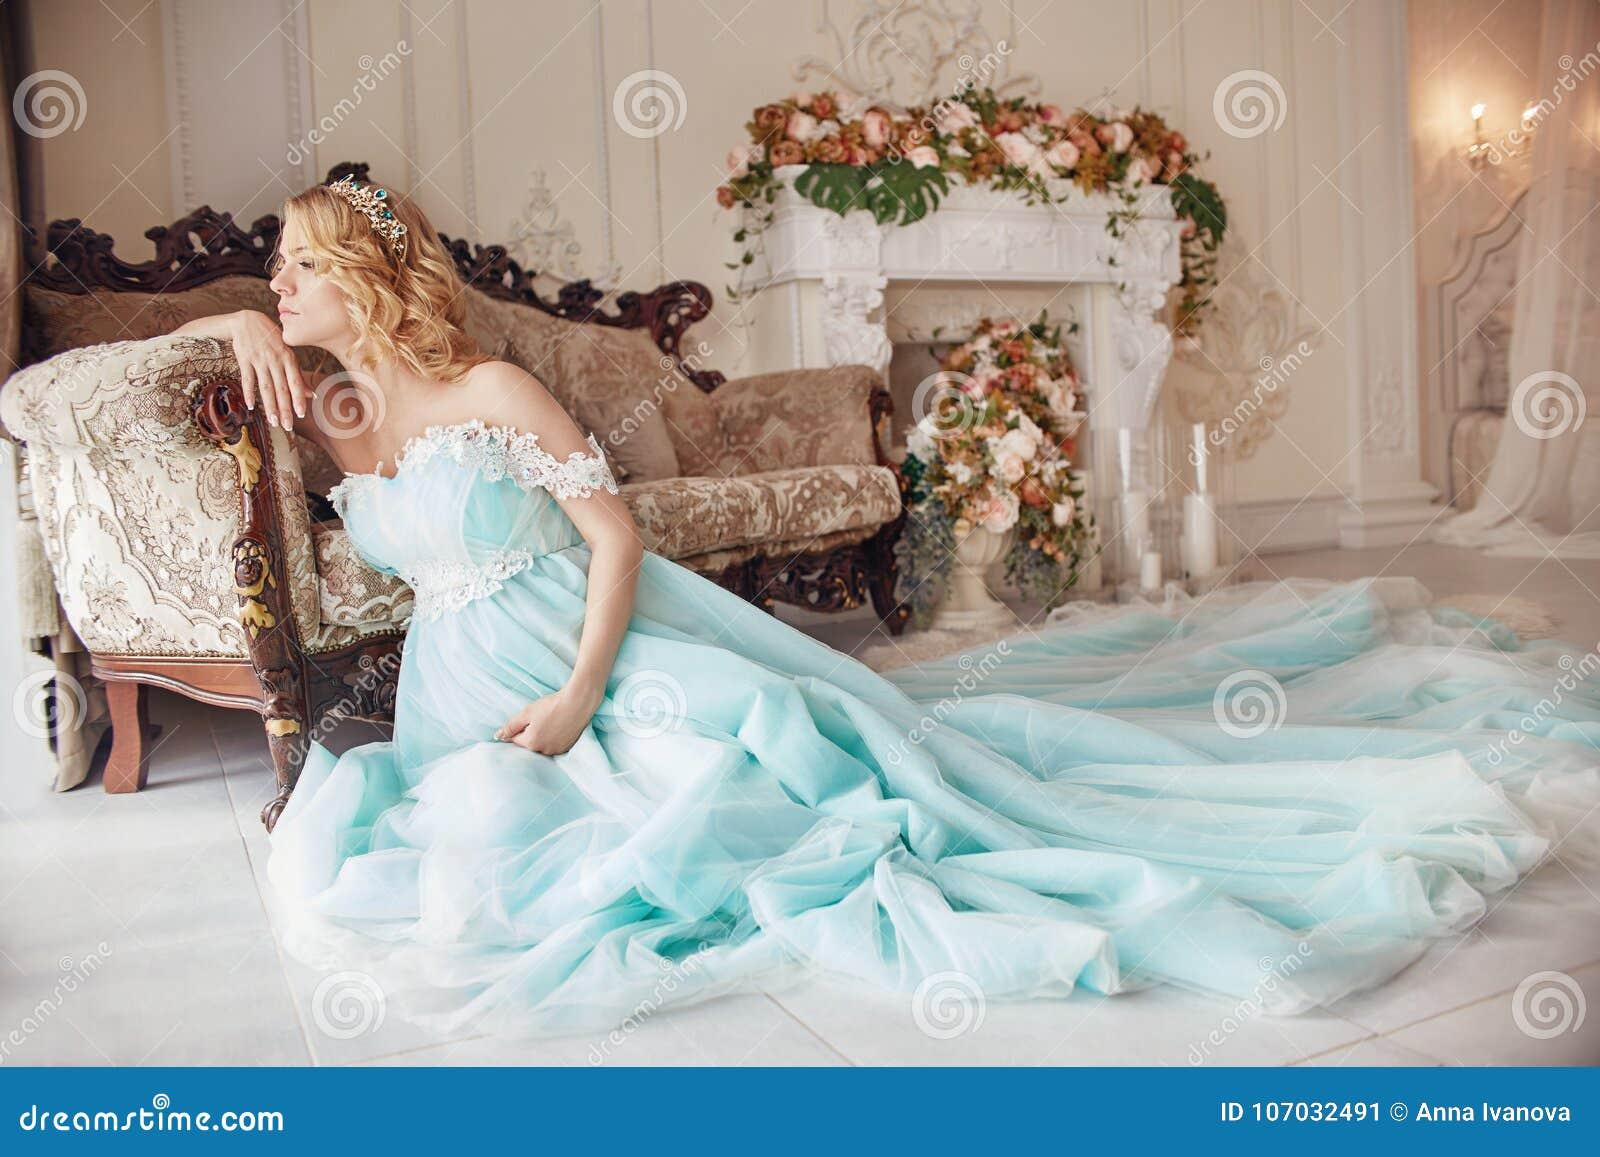 Έγκυος ξανθή γυναίκα μόδας πολυτέλειας σε ένα γαμήλιο φόρεμα Γαμήλια έγκυος  γυναίκα Το κορίτσι περιμένει τη γέννηση ενός παιδιού Κομψό ακριβό φόρεμα  του ... 9ad0ac5c63a